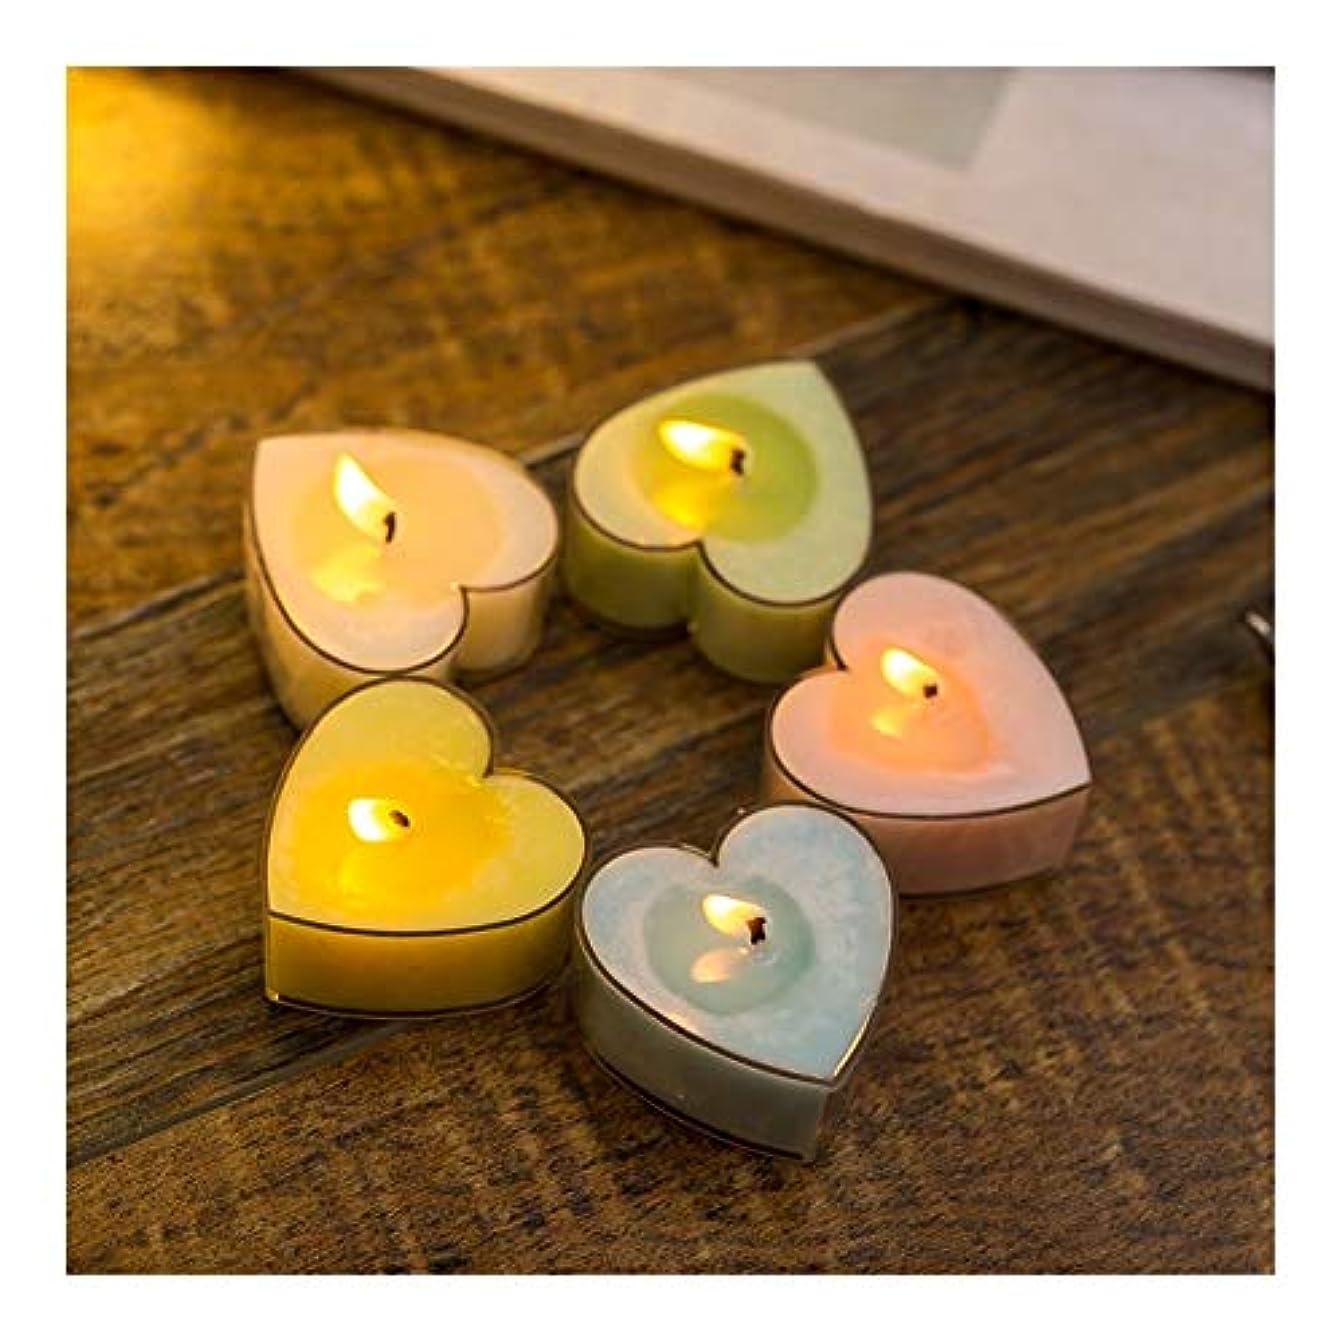 いう熟練した回るZtian 家の多彩なモモの中心の香料入りの蝋燭のカップルの悪いギフトの小さい蝋燭 (色 : Marriage)